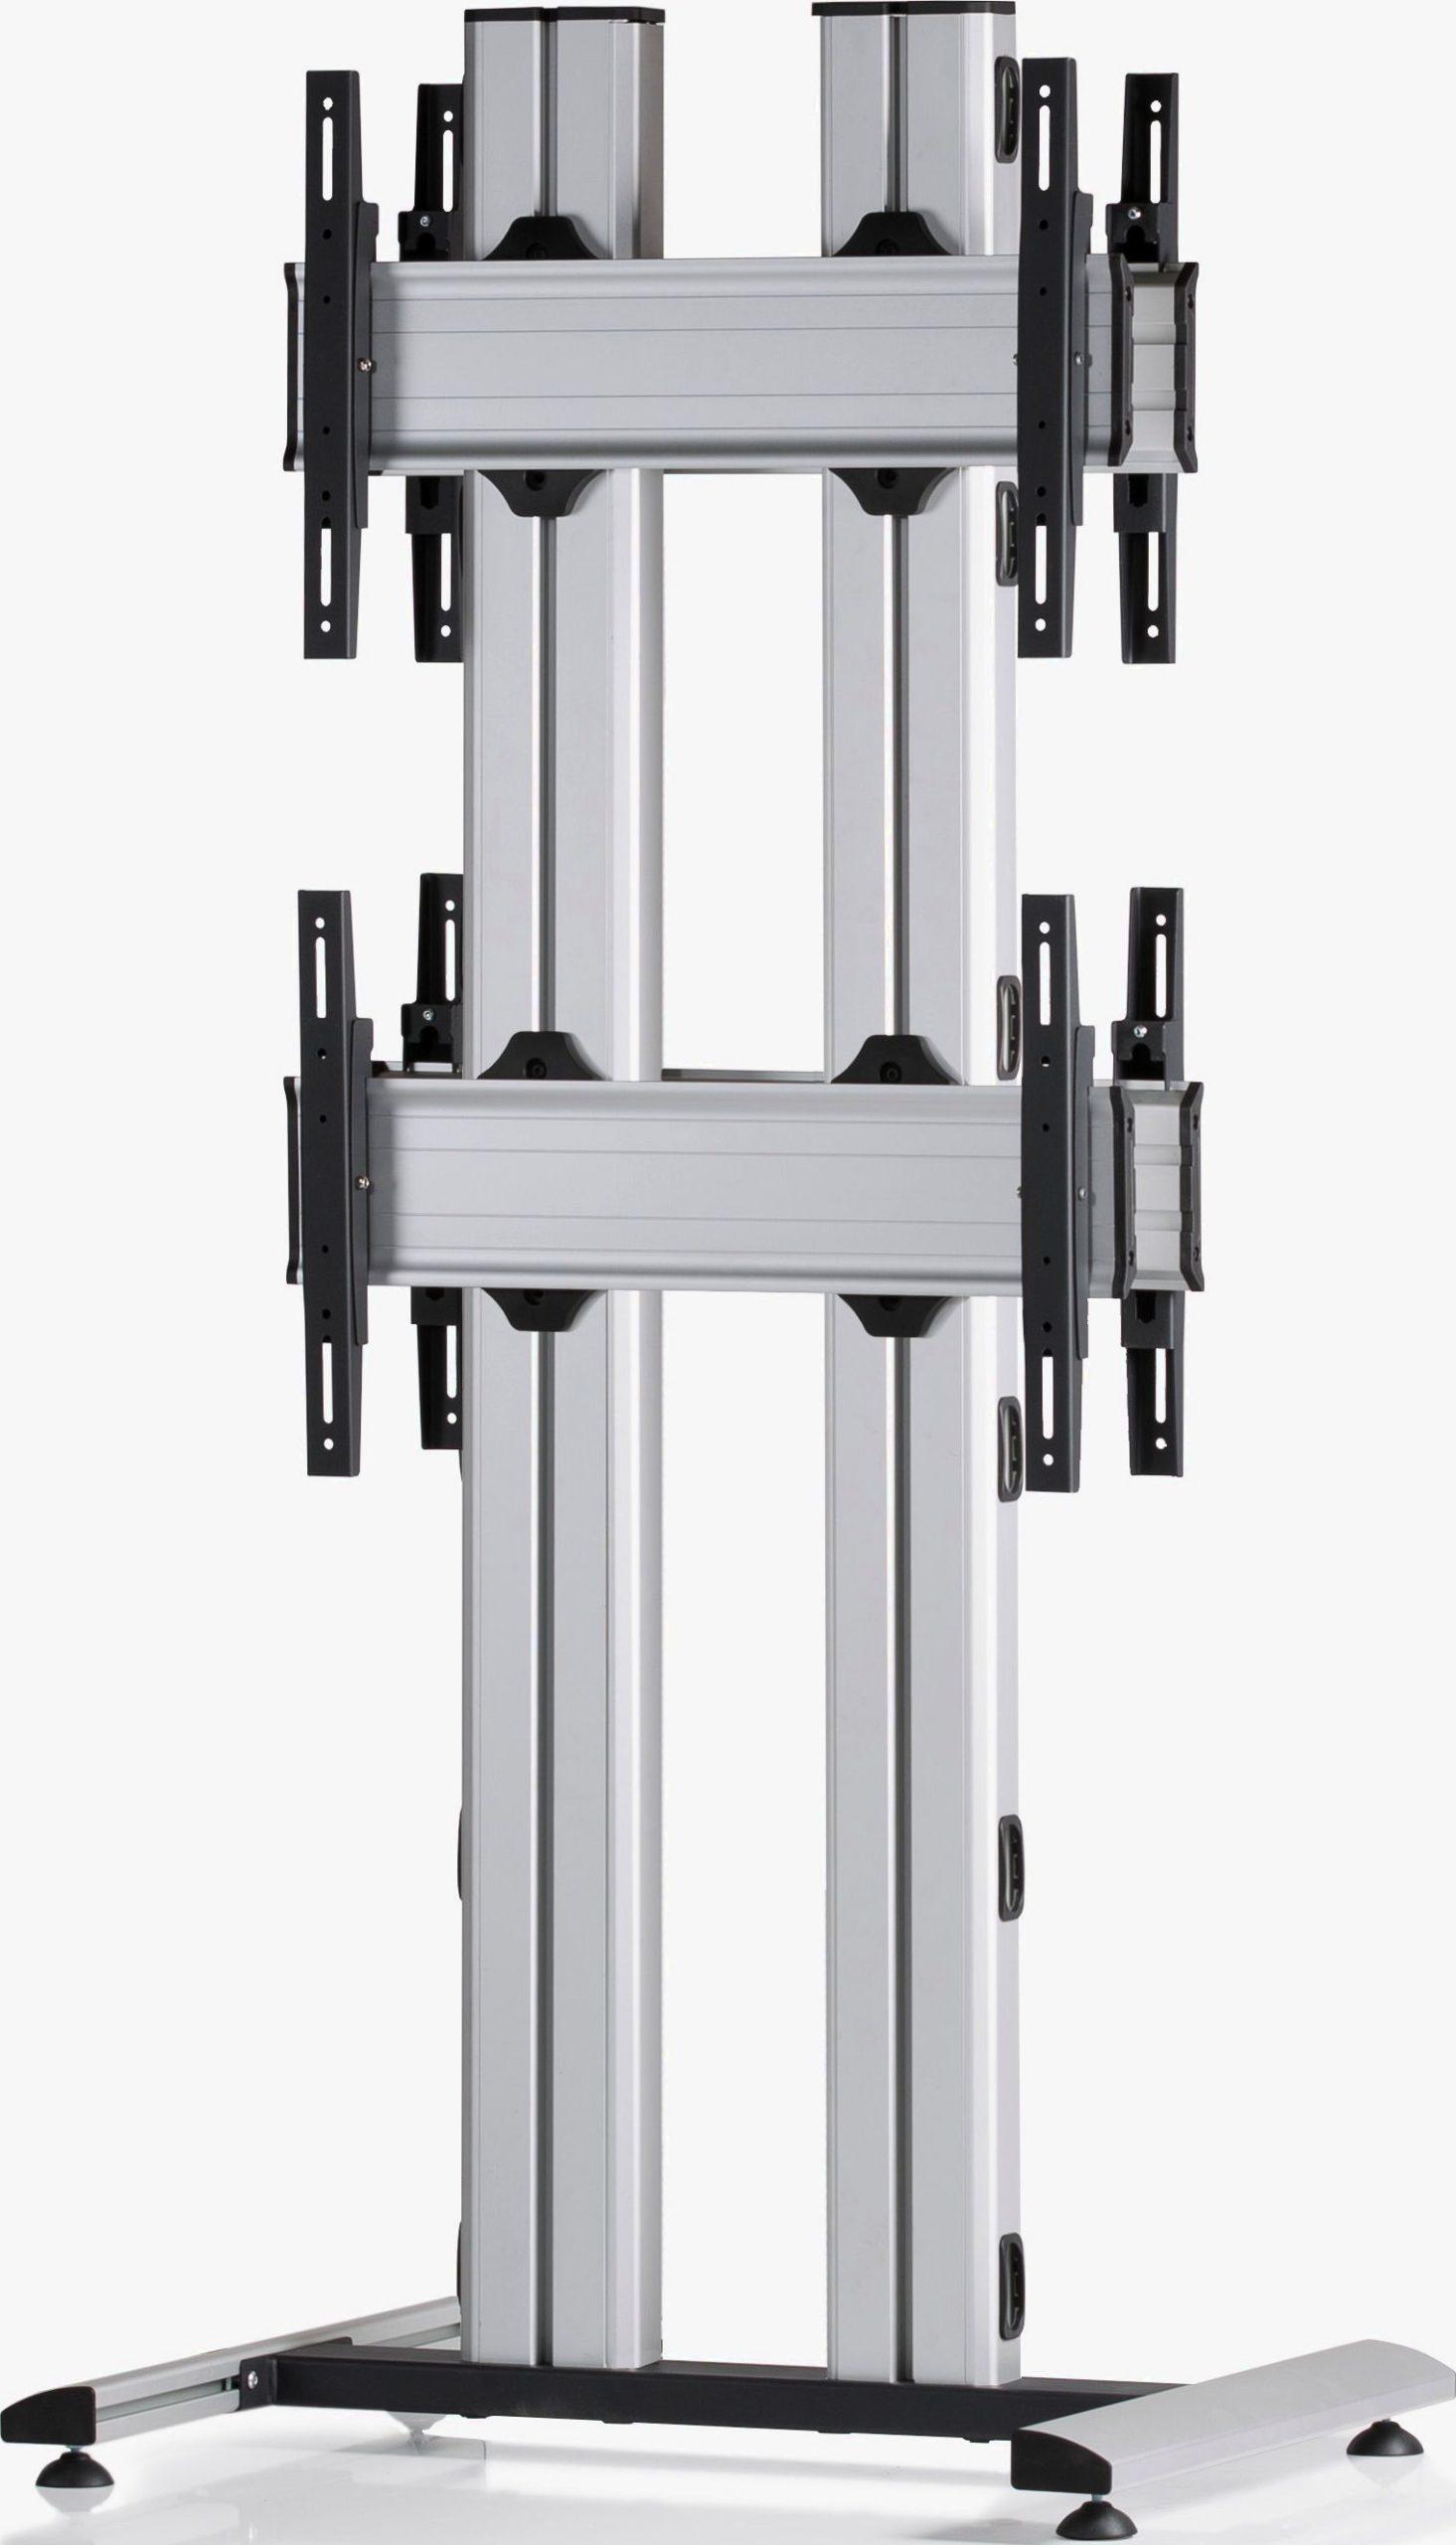 4 Displays 2x1 beidseitig, für große Bildschirme, Standard-VESA, auf Standfuß